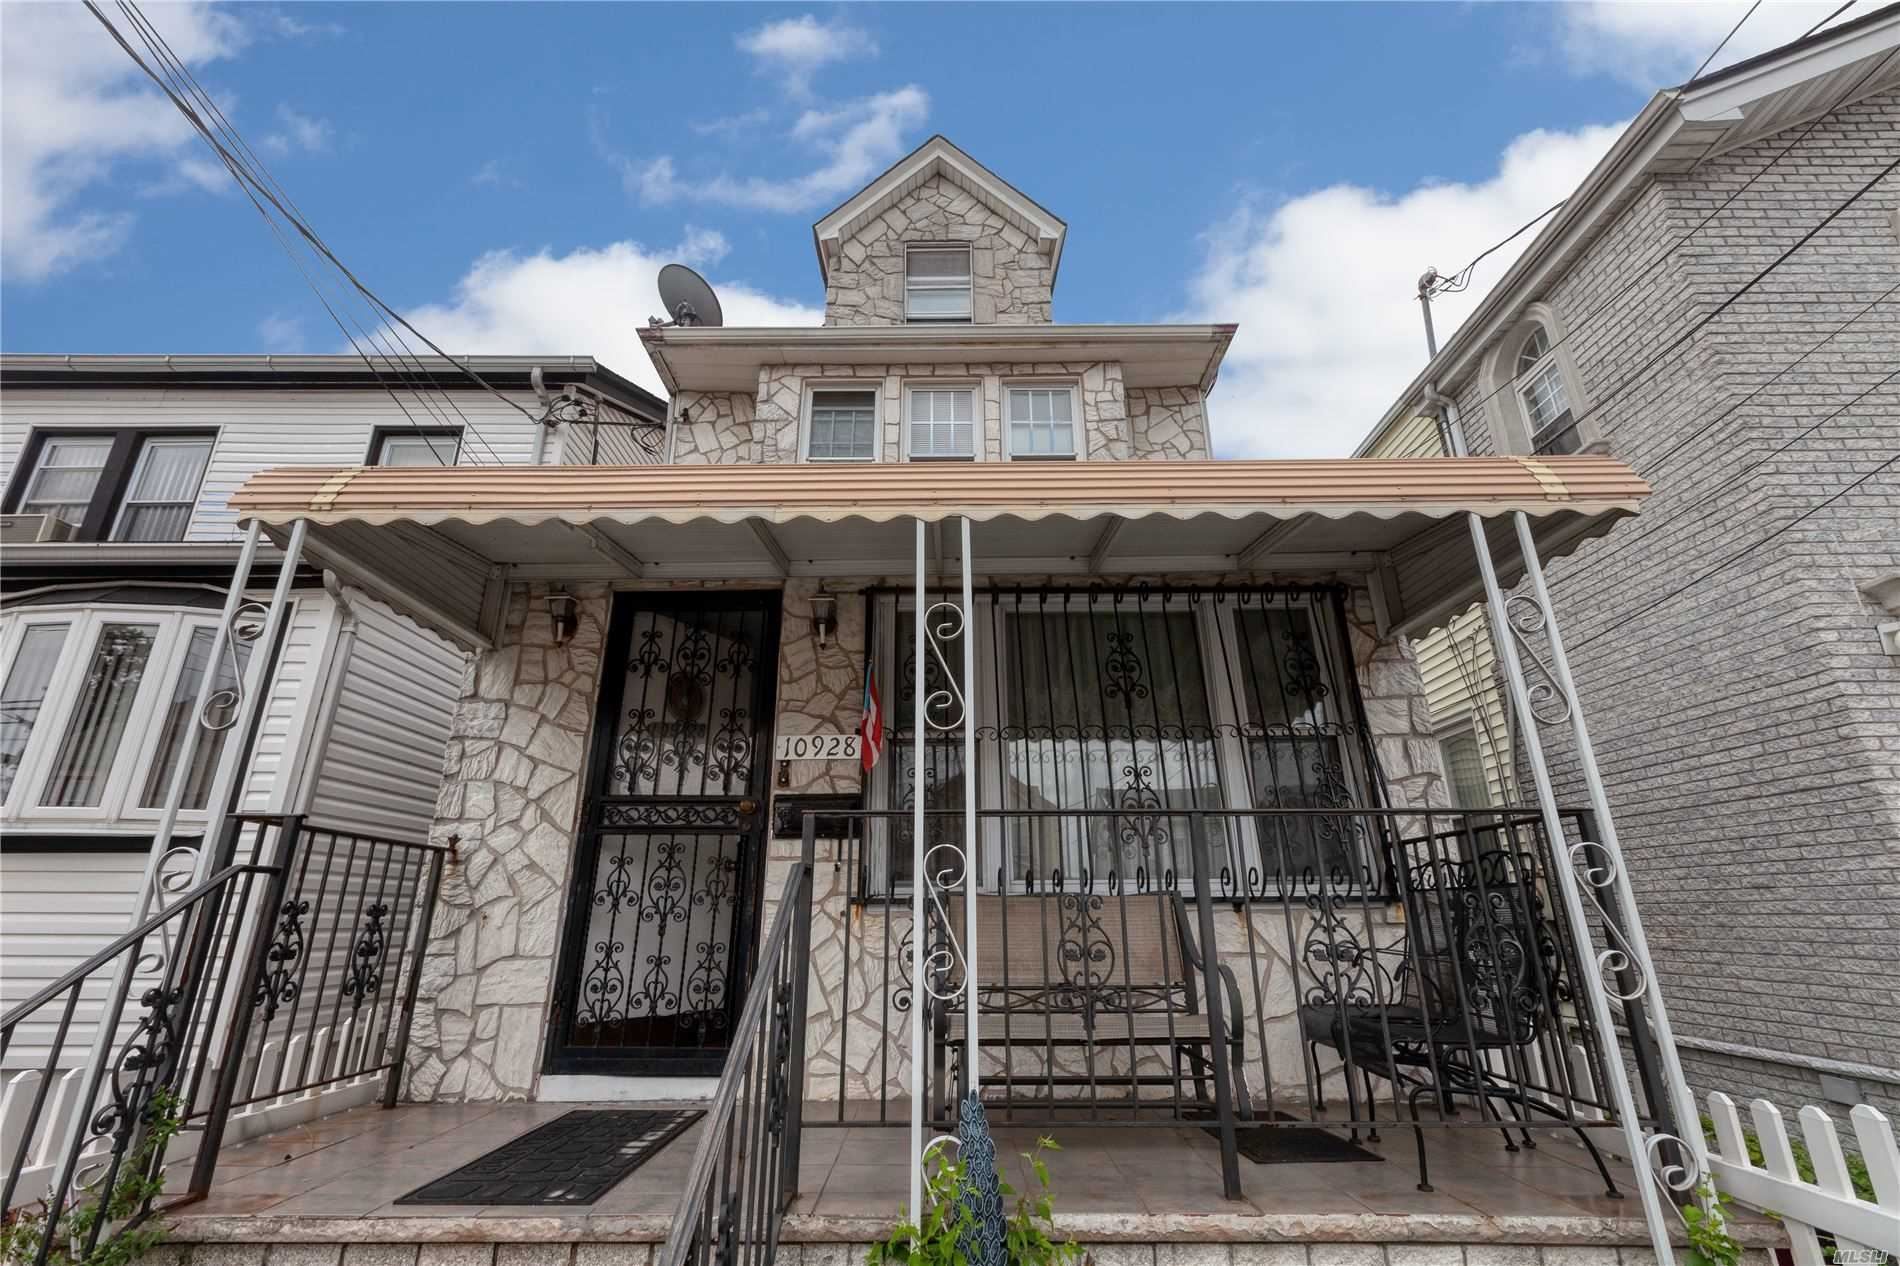 10928 121 Street, New York, NY 11420 - MLS#: 3167339